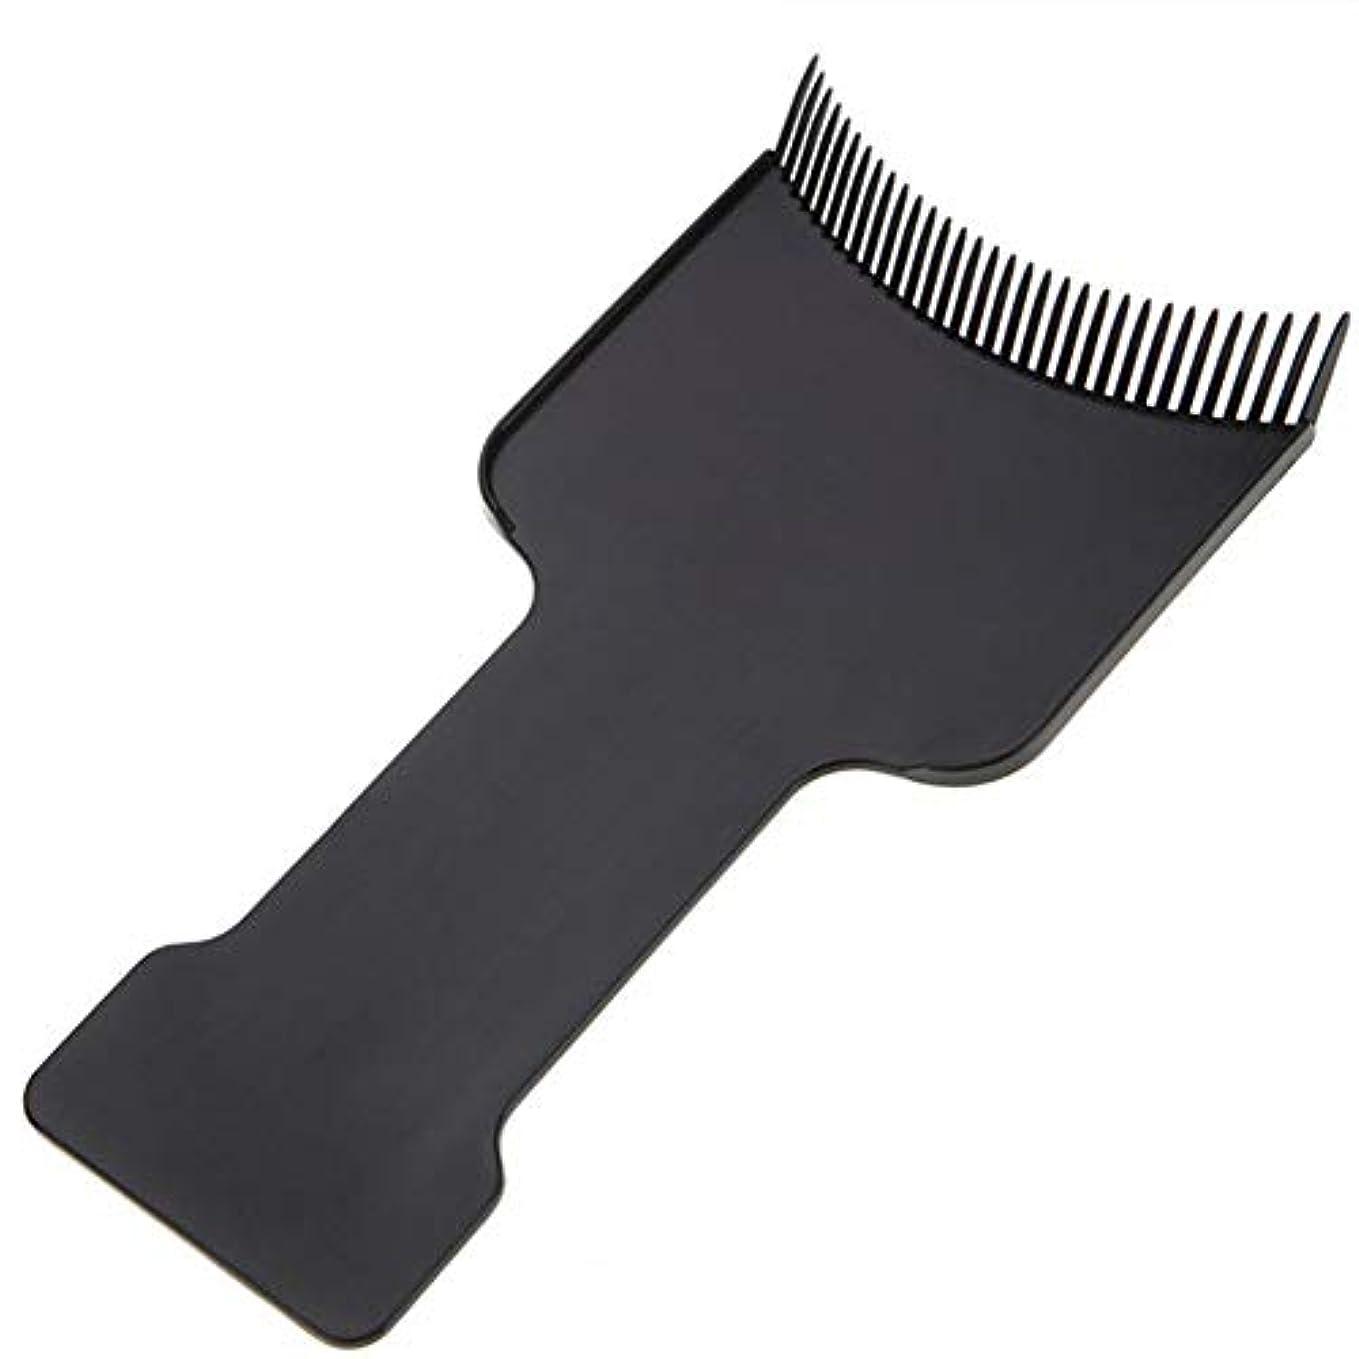 伸ばすサイレントシンポジウムSILUN 理髪ヘアカラーボード 理髪サロン髪 着色染色ボードヘアトリートメントケアピックカラーボードコーム理髪ツール プロフェッショナルブラックヘアブラシボード理髪美容ツール